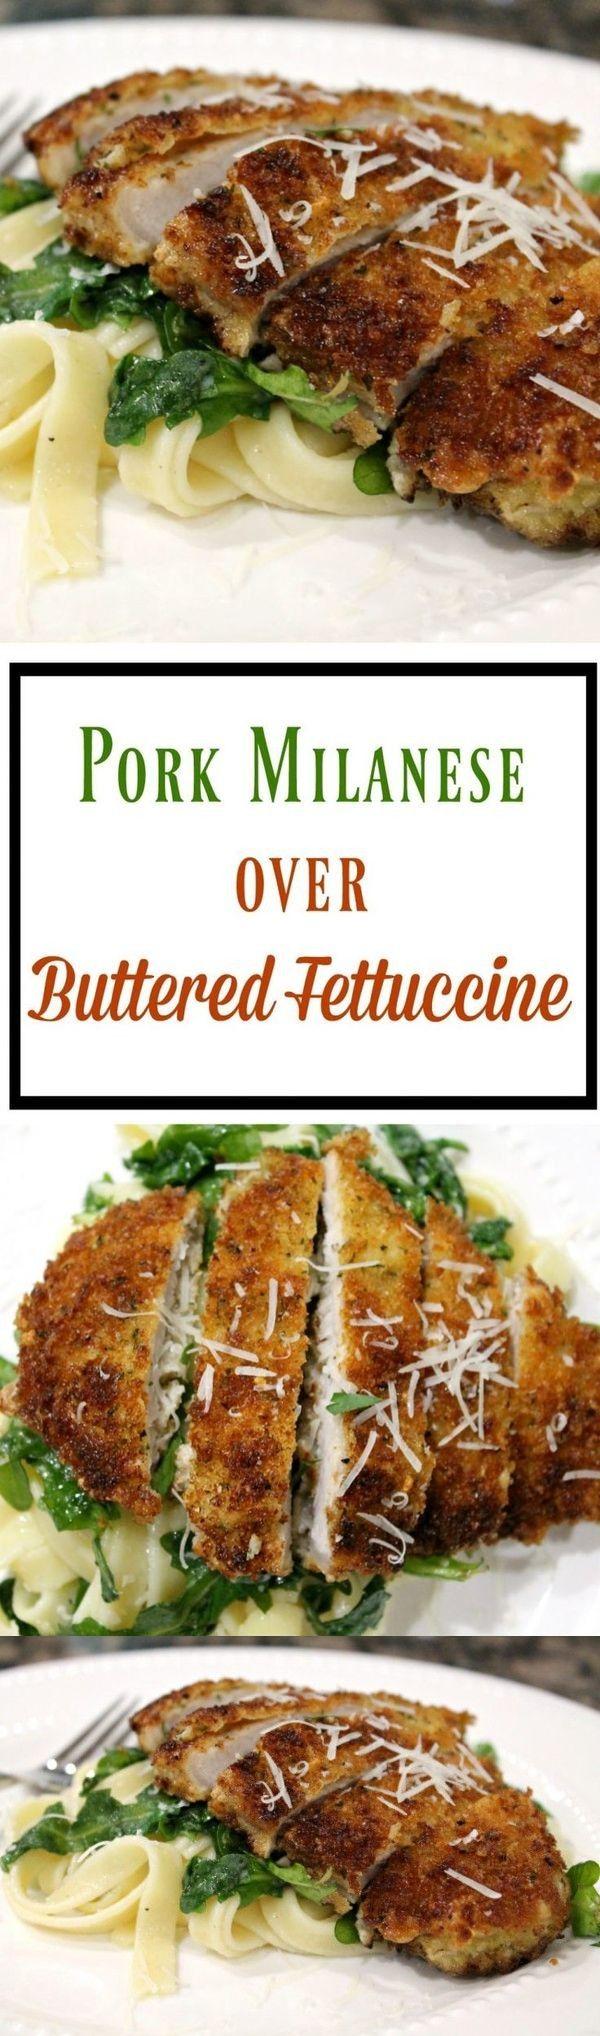 Pork Milanese Over Buttered Fettuccine